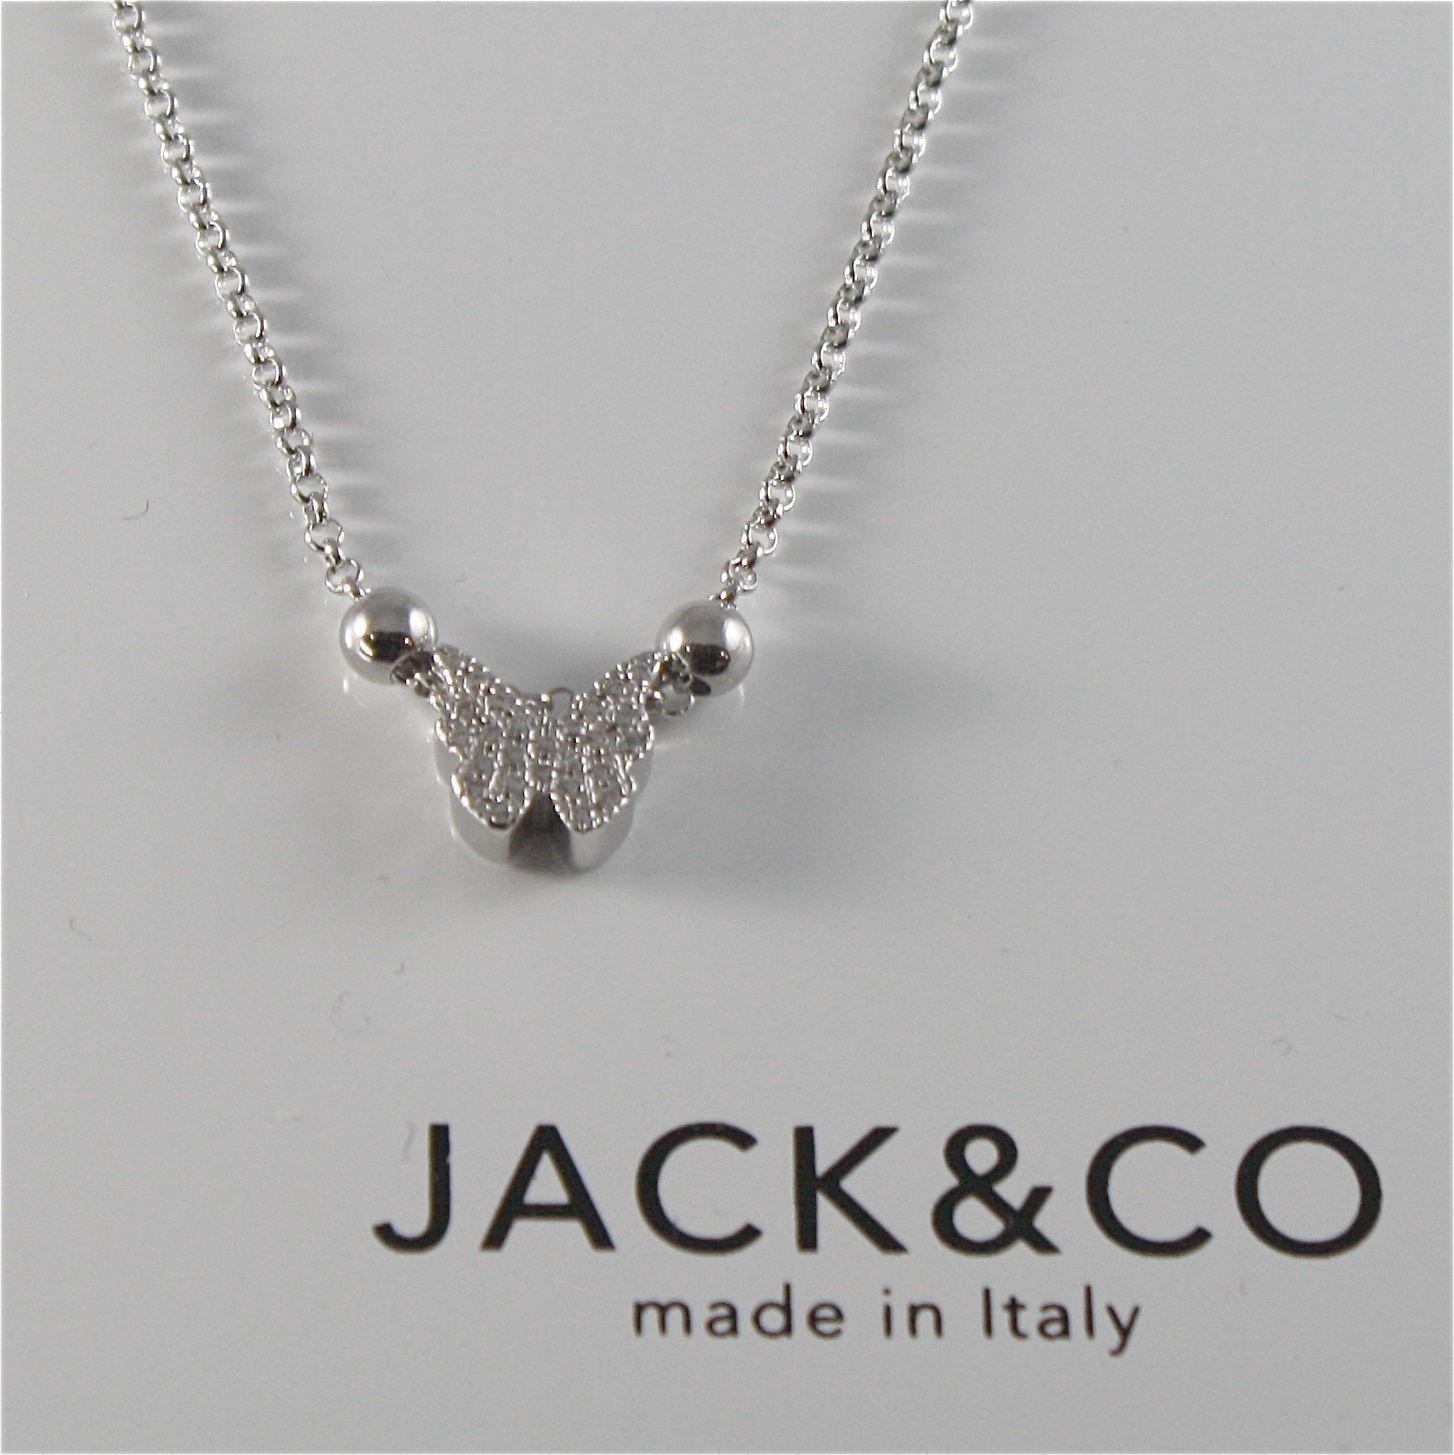 COLLANA A PALLINE IN ARGENTO 925 JACK&CO CON FARFALLA CON ZIRCONIA JCN0525